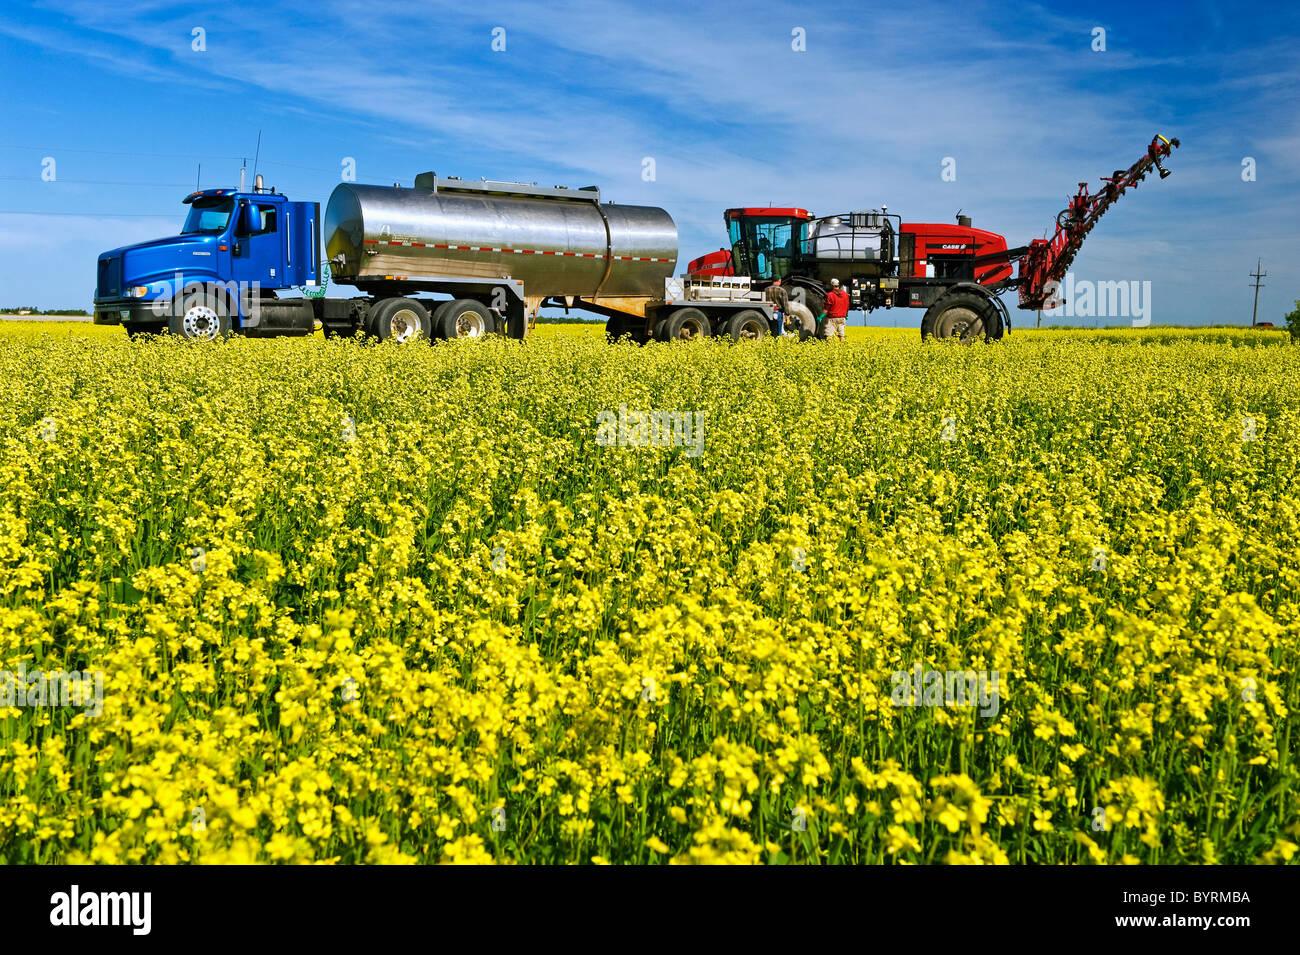 Un agricoltore carichi il suo gioco alto irroratrice con azione fungicida e acqua a spruzzo una fioritura di raccolto Immagini Stock